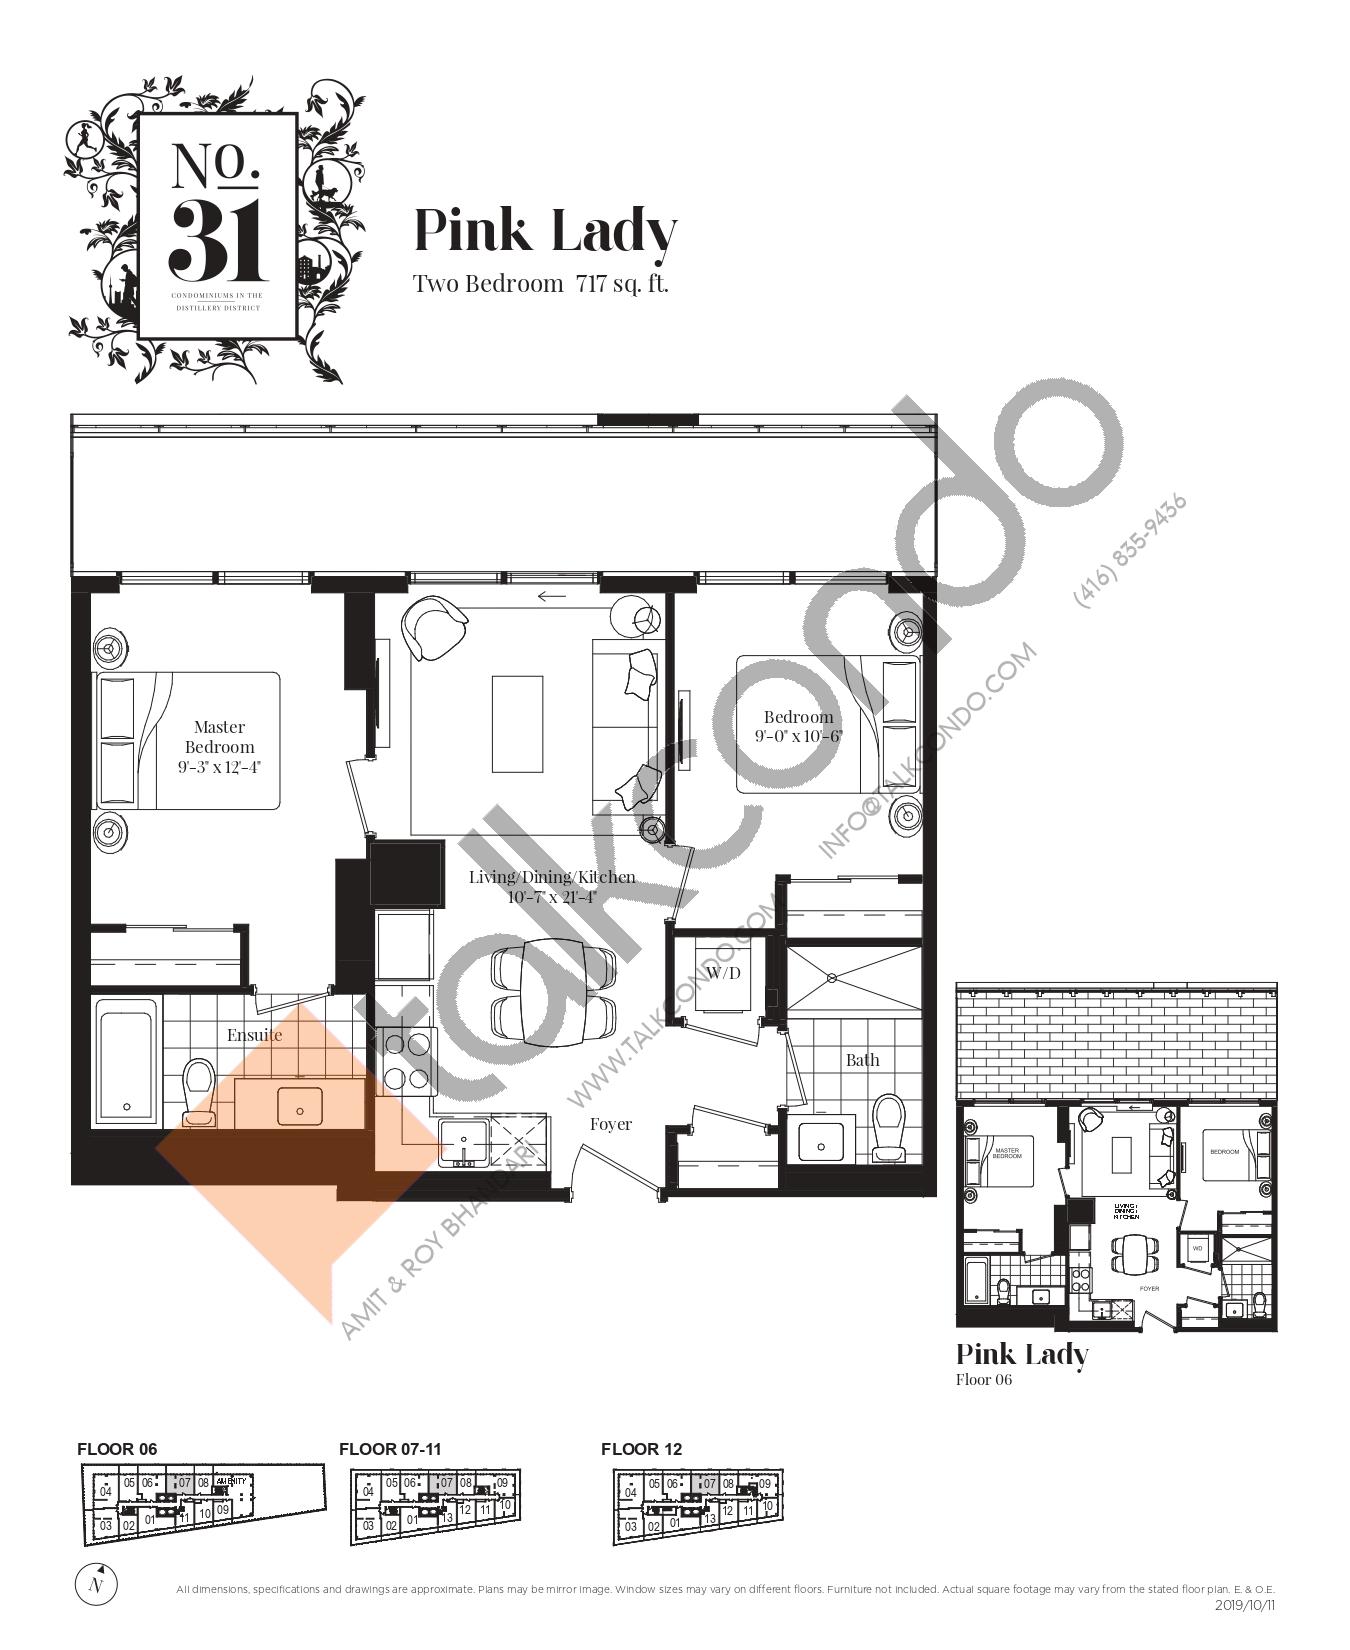 Pink Lady Floor Plan at No. 31 Condos - 717 sq.ft